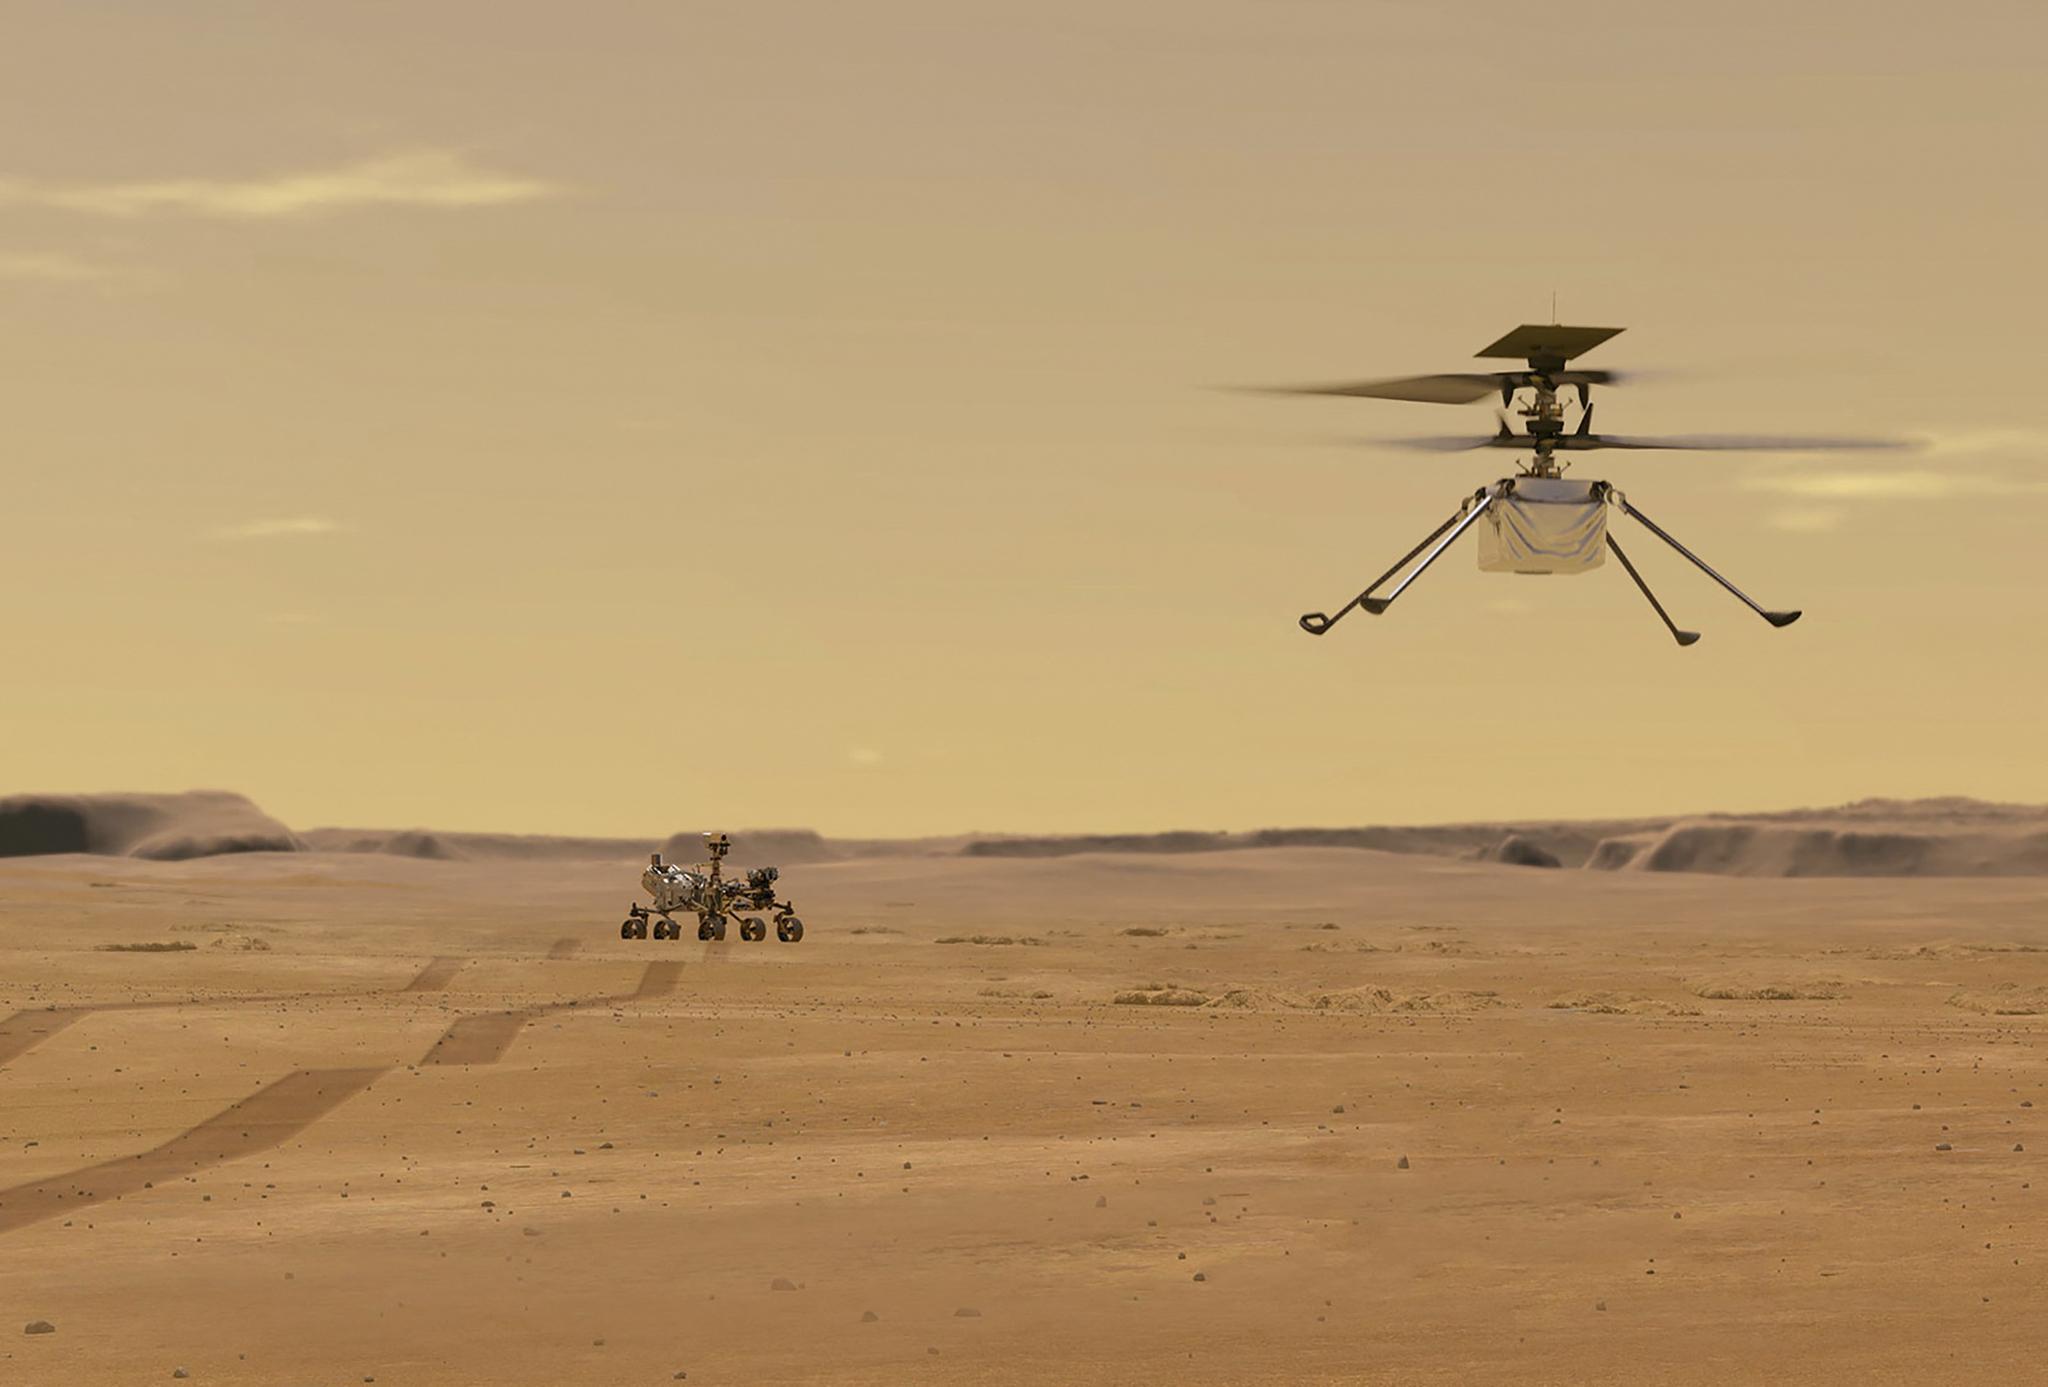 인저뉴어티가 화성 상공을 비행하는 상상도. 비록 소형이고 잠시 낮게 비행할 뿐이지만 인류가 지구 밖에서 비행체를 띄우는 의미있는 이정표 될 전망이다. AFP=연합뉴스